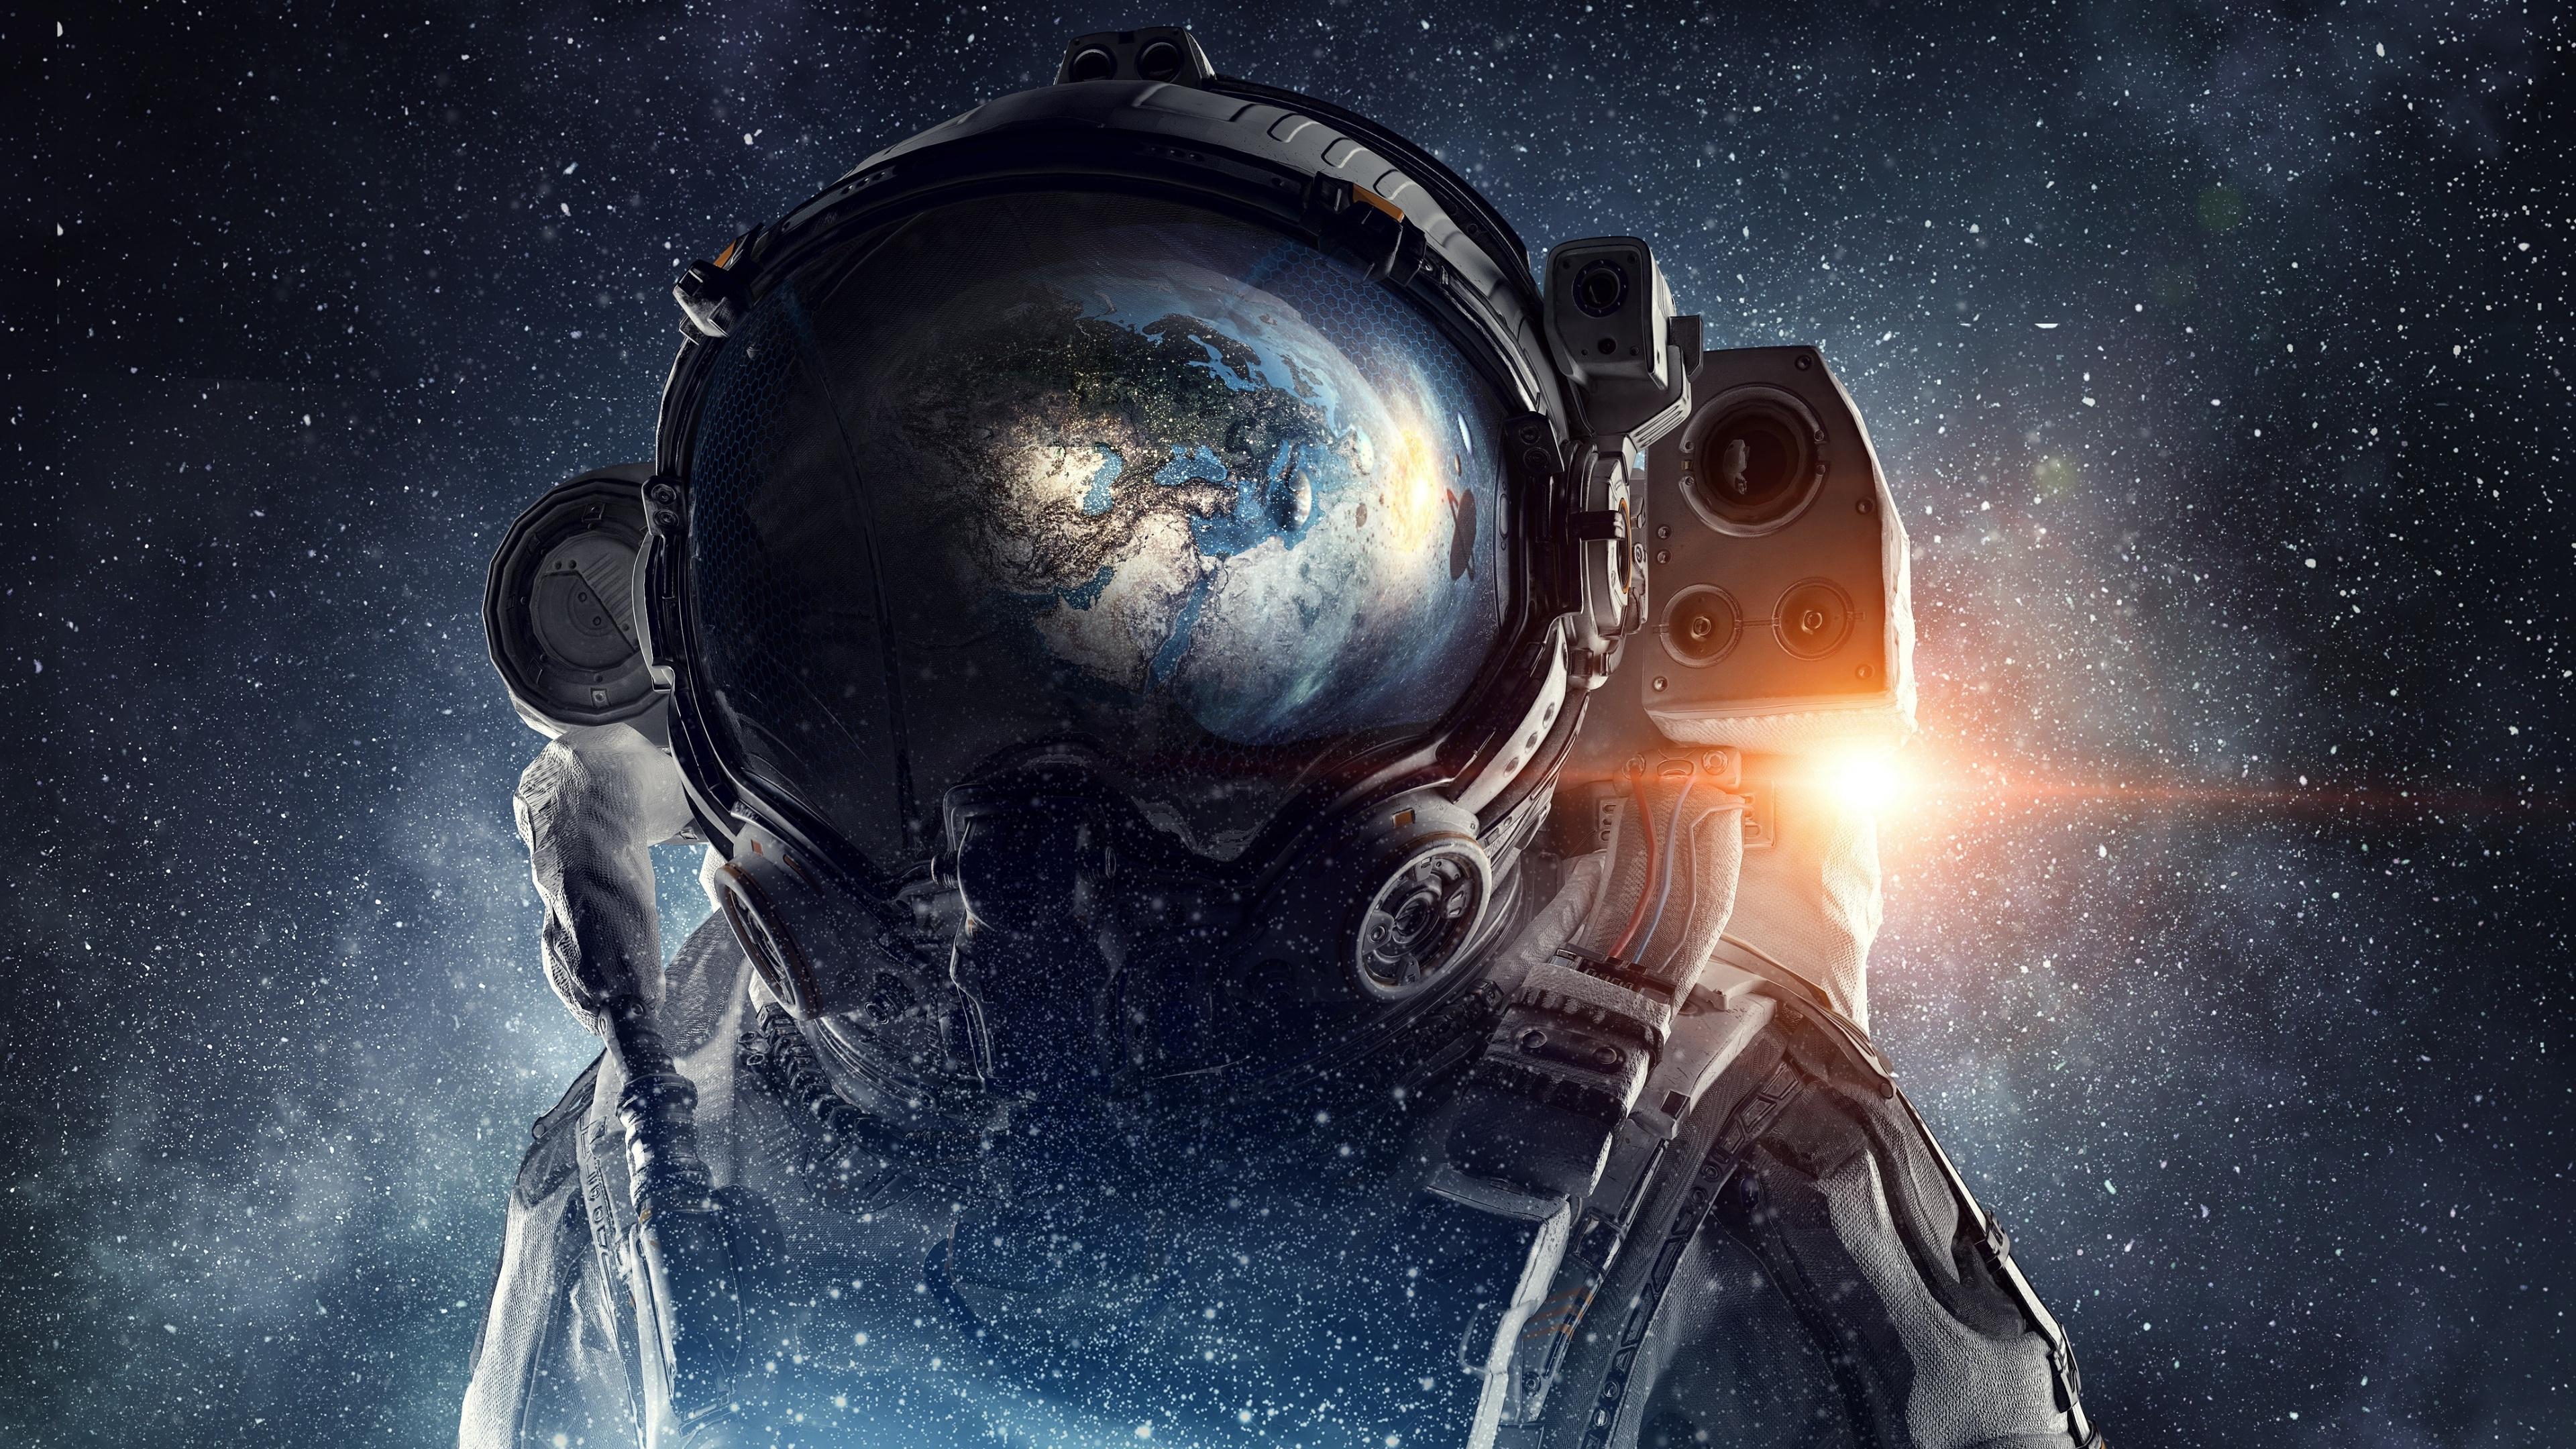 3840x2160 Astronaut Galaxy Space Stars Digital Art 4k 4k Hd